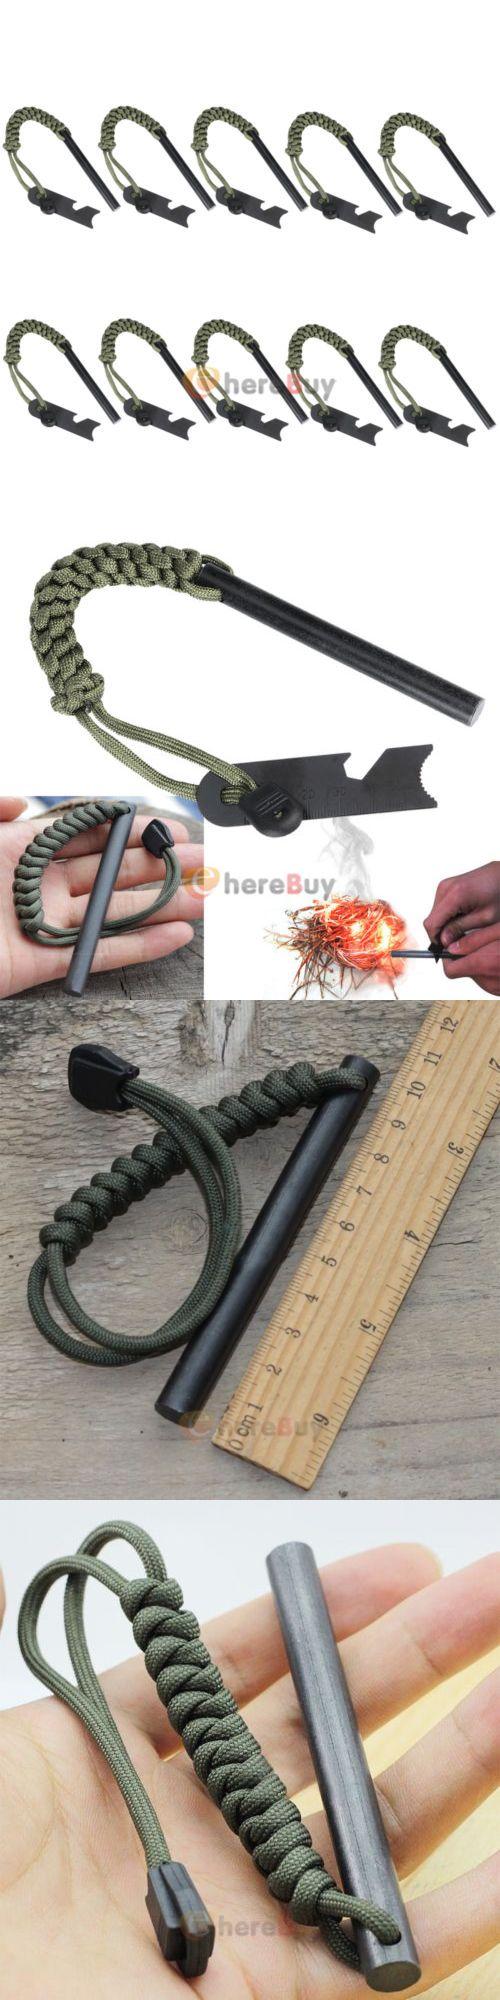 Fire Starters 166126: 10Pcs 4 X 2 5 Drilled Ferrocerium Ferro Rod Steel Flint Fire Starter W Blade -> BUY IT NOW ONLY: $69.99 on eBay!